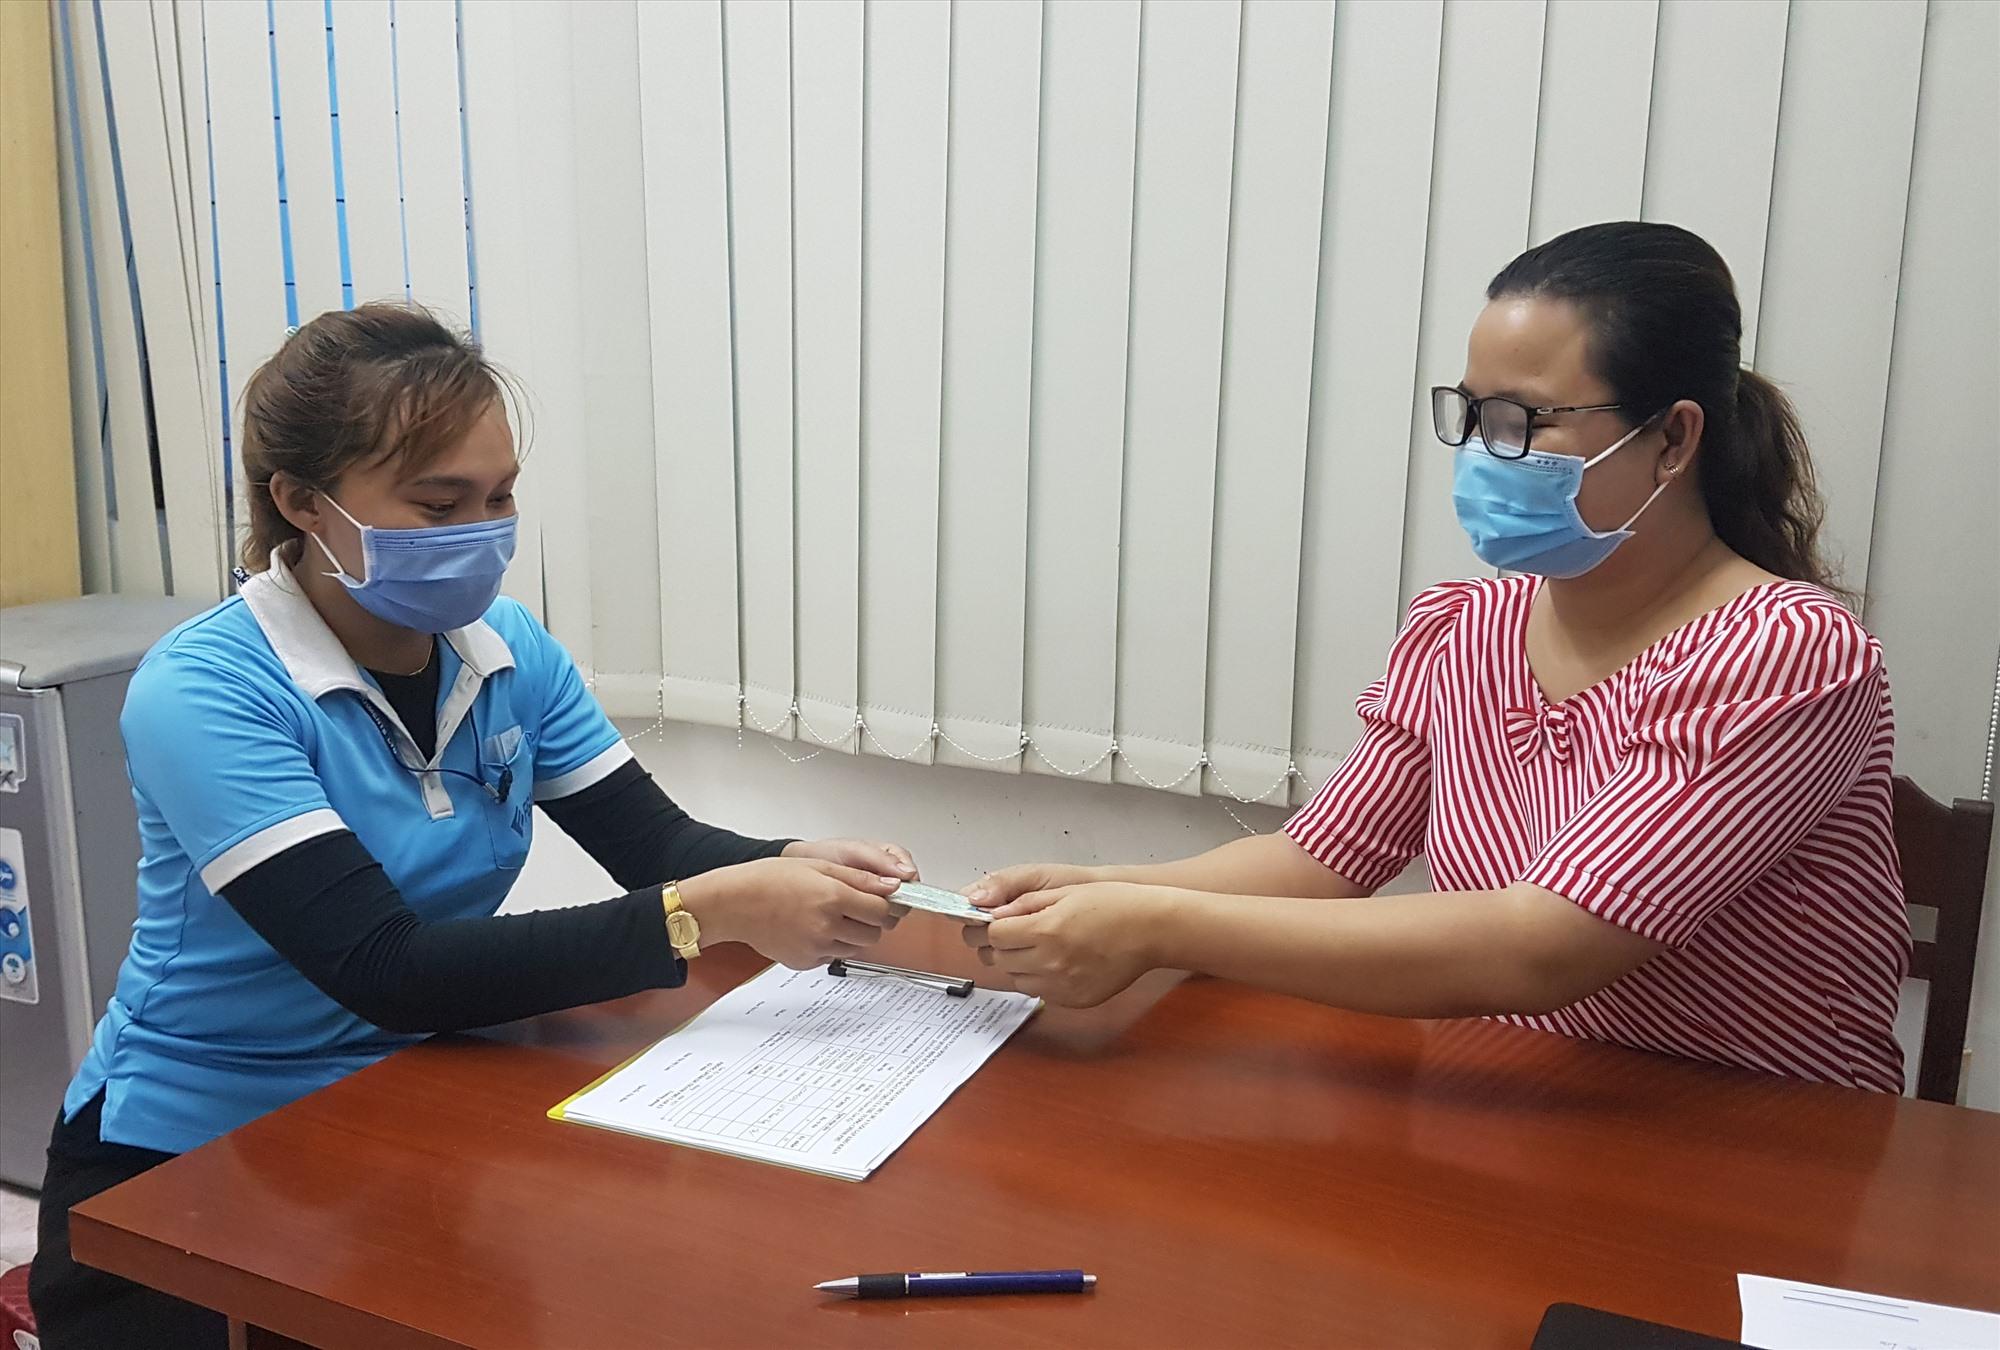 Những lao động bị cách ly y tế nhận hỗ trợ từ Nghị quyết 68 của Chính phủ. Ảnh: D.L